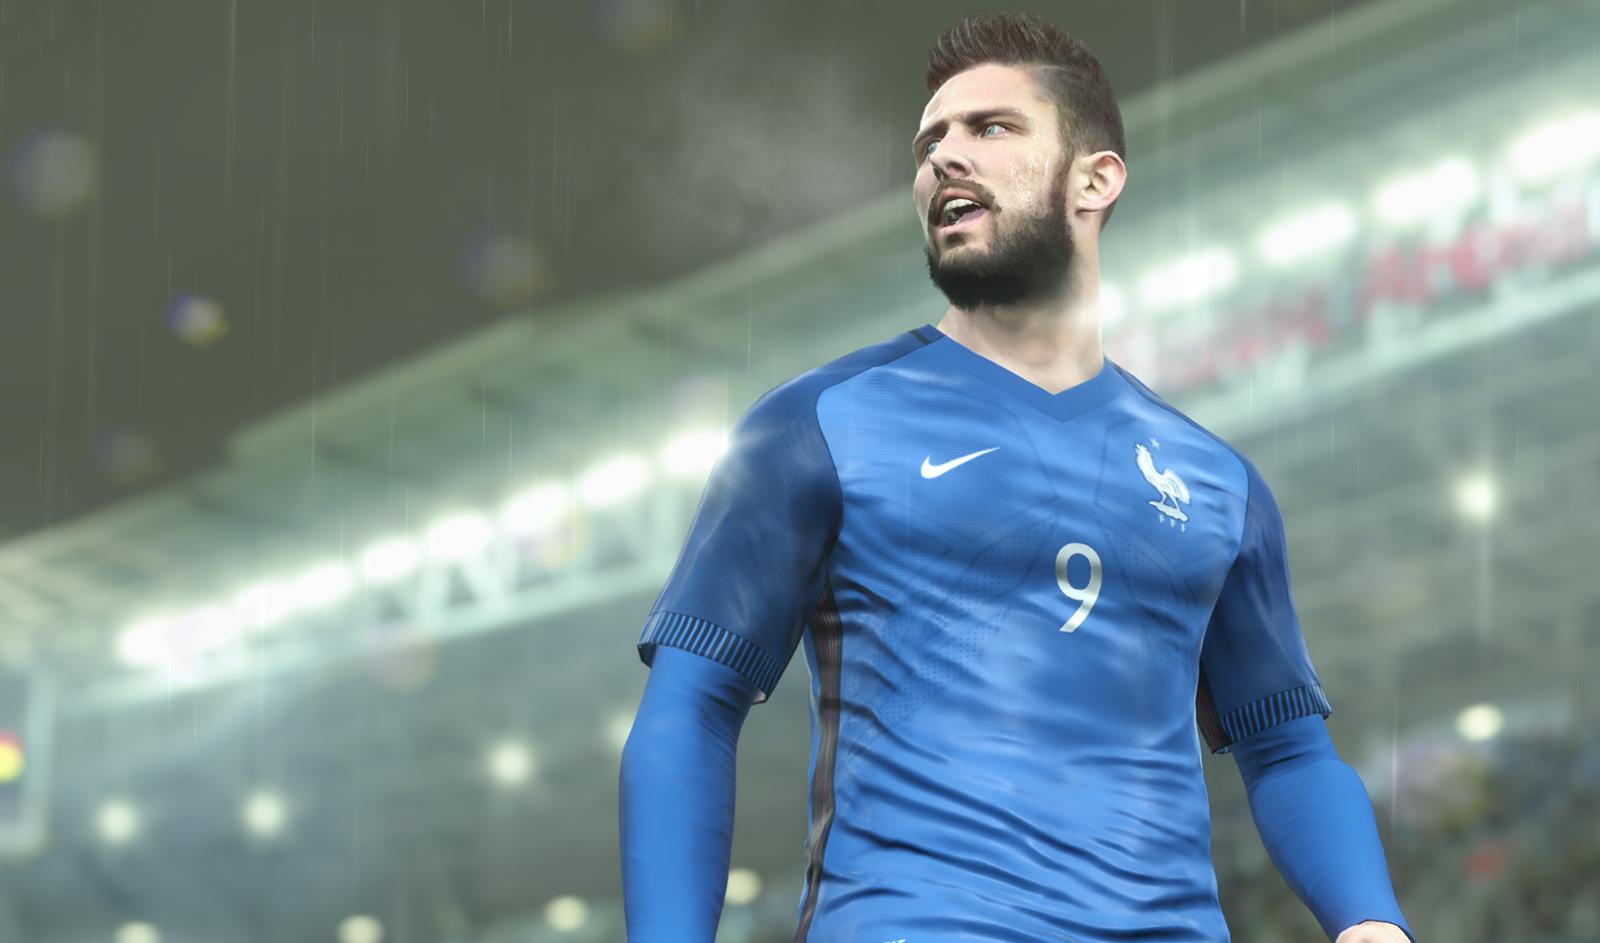 PES 2017 Giroud Screenshot